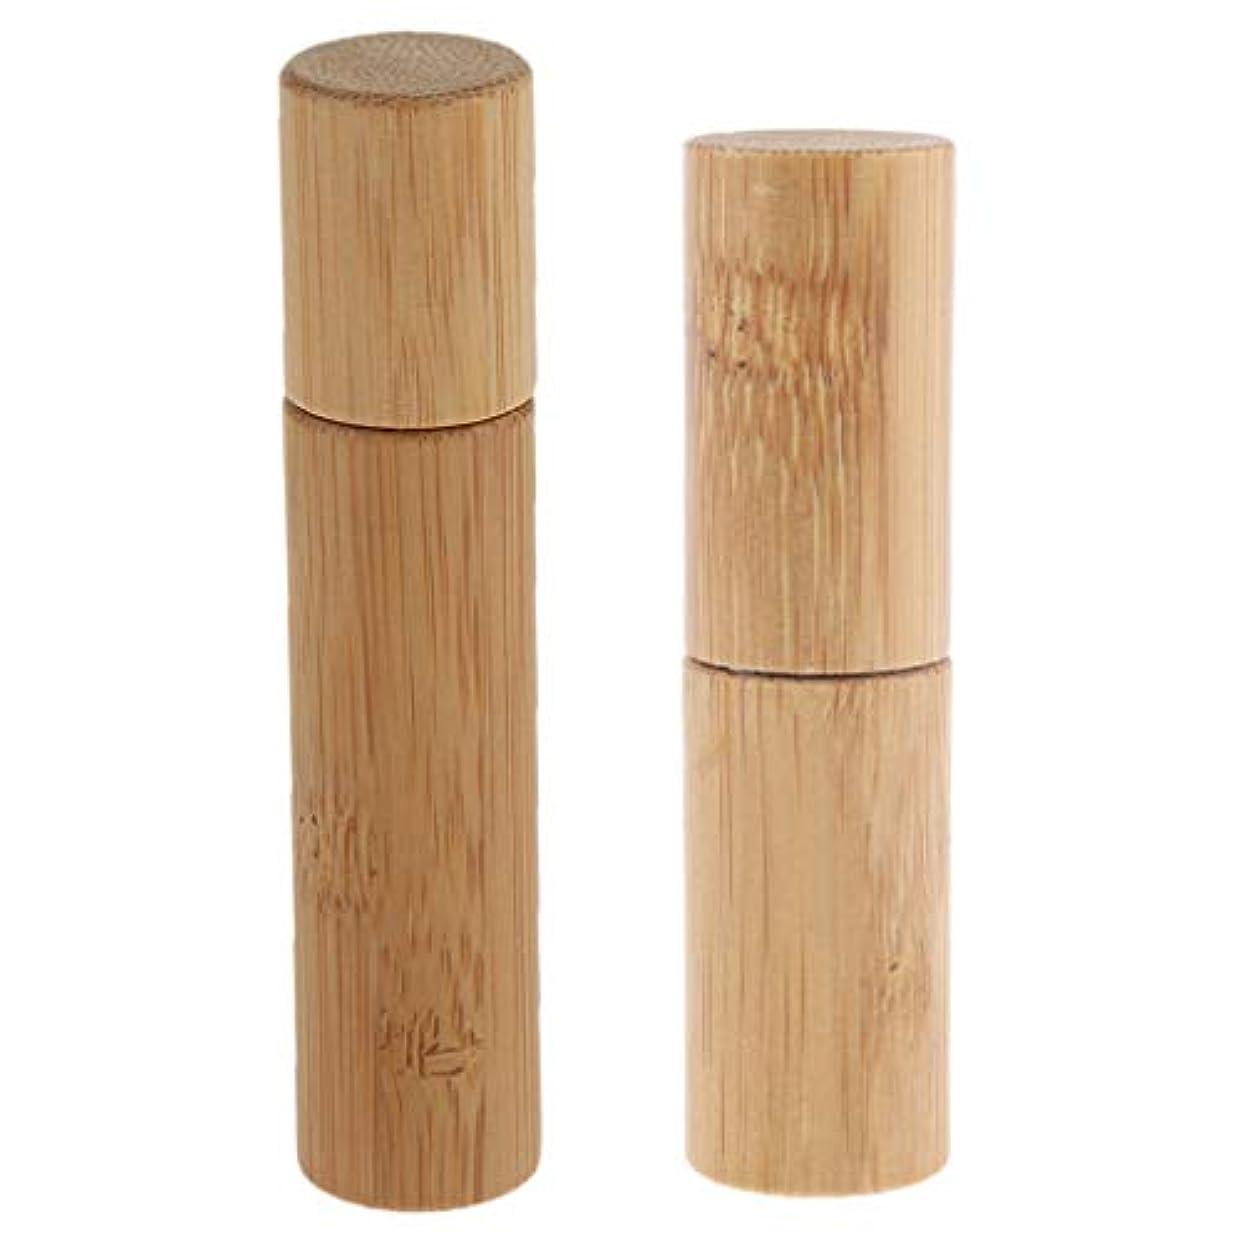 国家フェンス用心するCUTICATE ロールオンボトル 天然竹 詰替え 精油 香水 液体 保存容器 小分け用 旅行 10ml+5ml 2個入